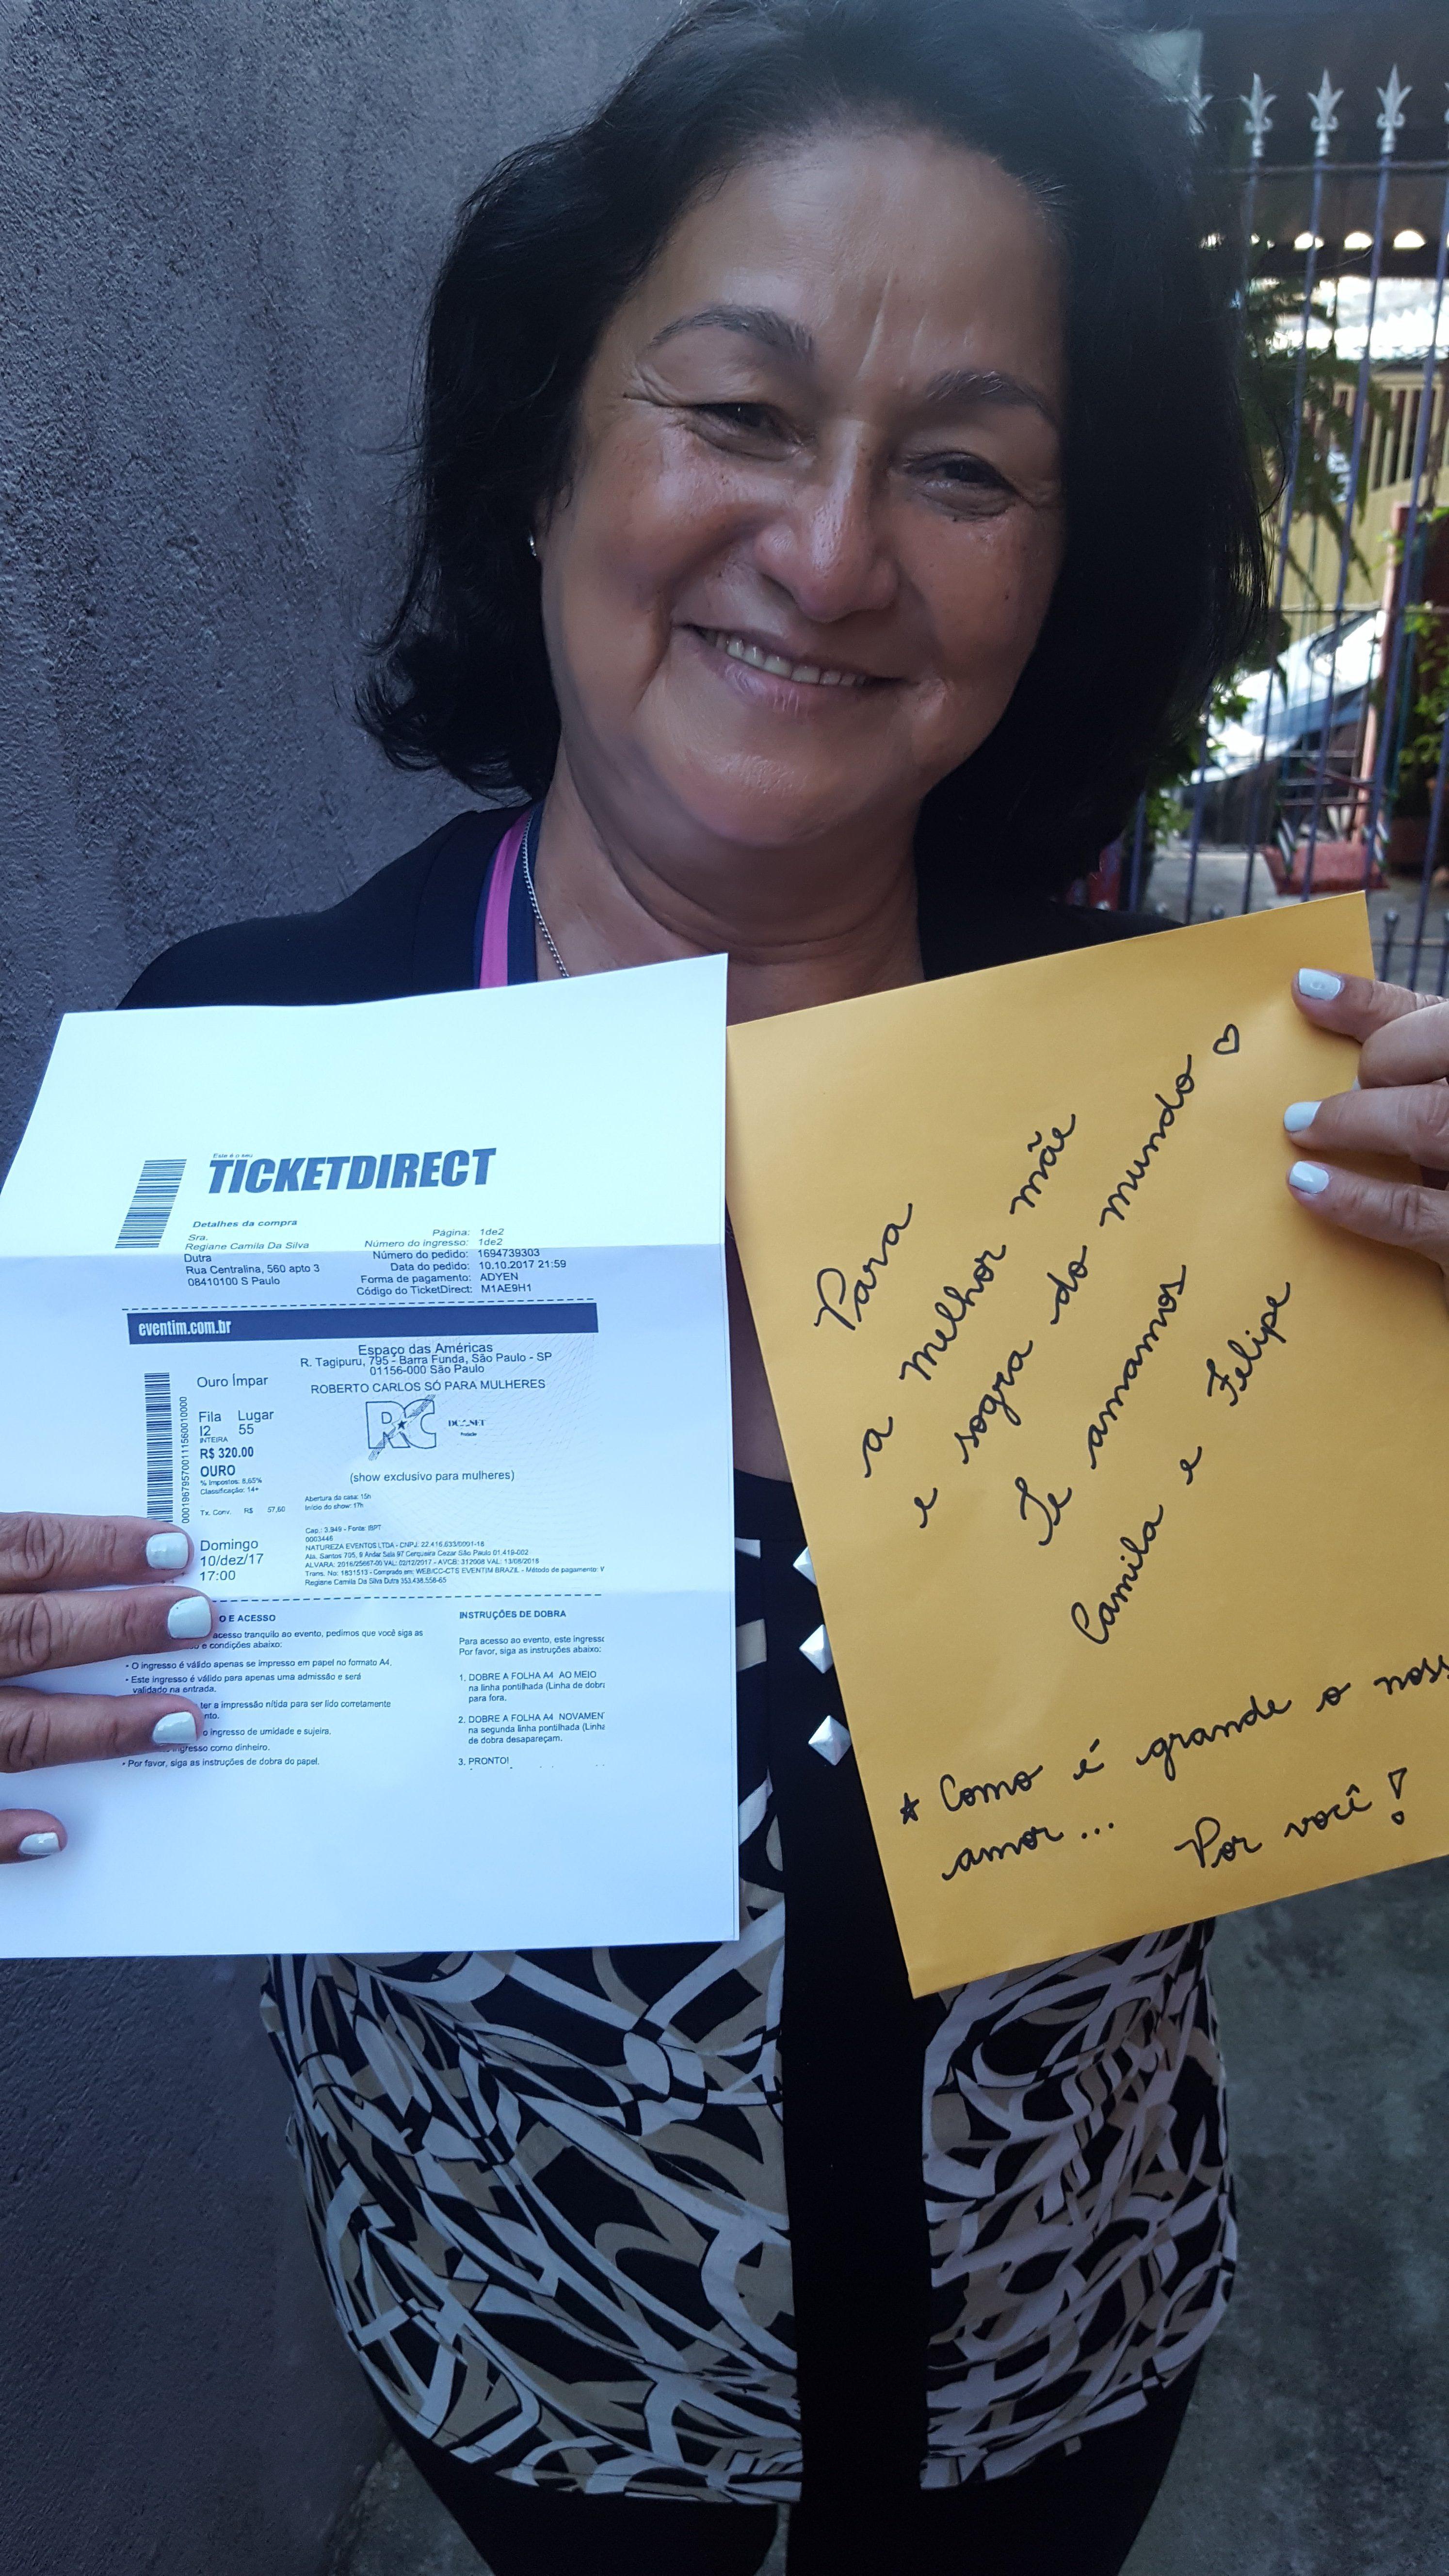 Antonia Raimunda Alves da Silva - Roberto Carlos Só para mulheres em SP! Eu vou!!!